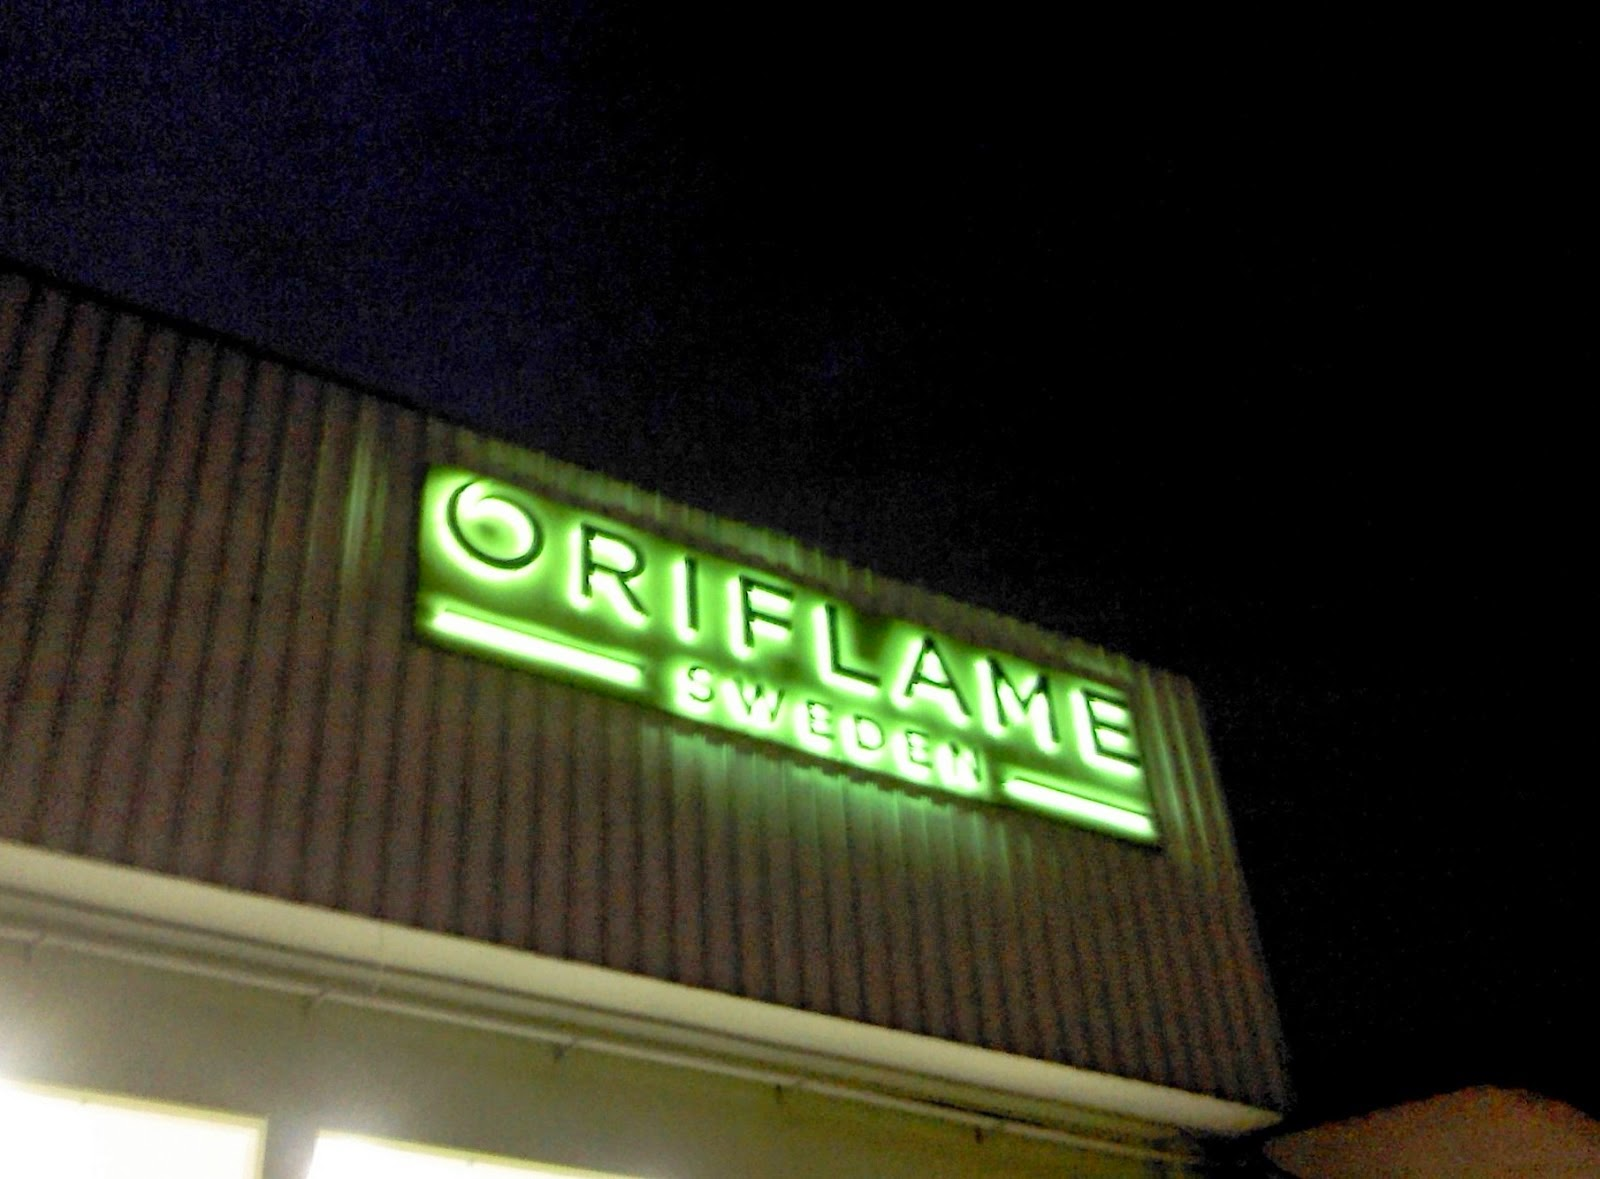 Informasi Tempat Oriflame Bandung, Produk Kecantikan Swedia